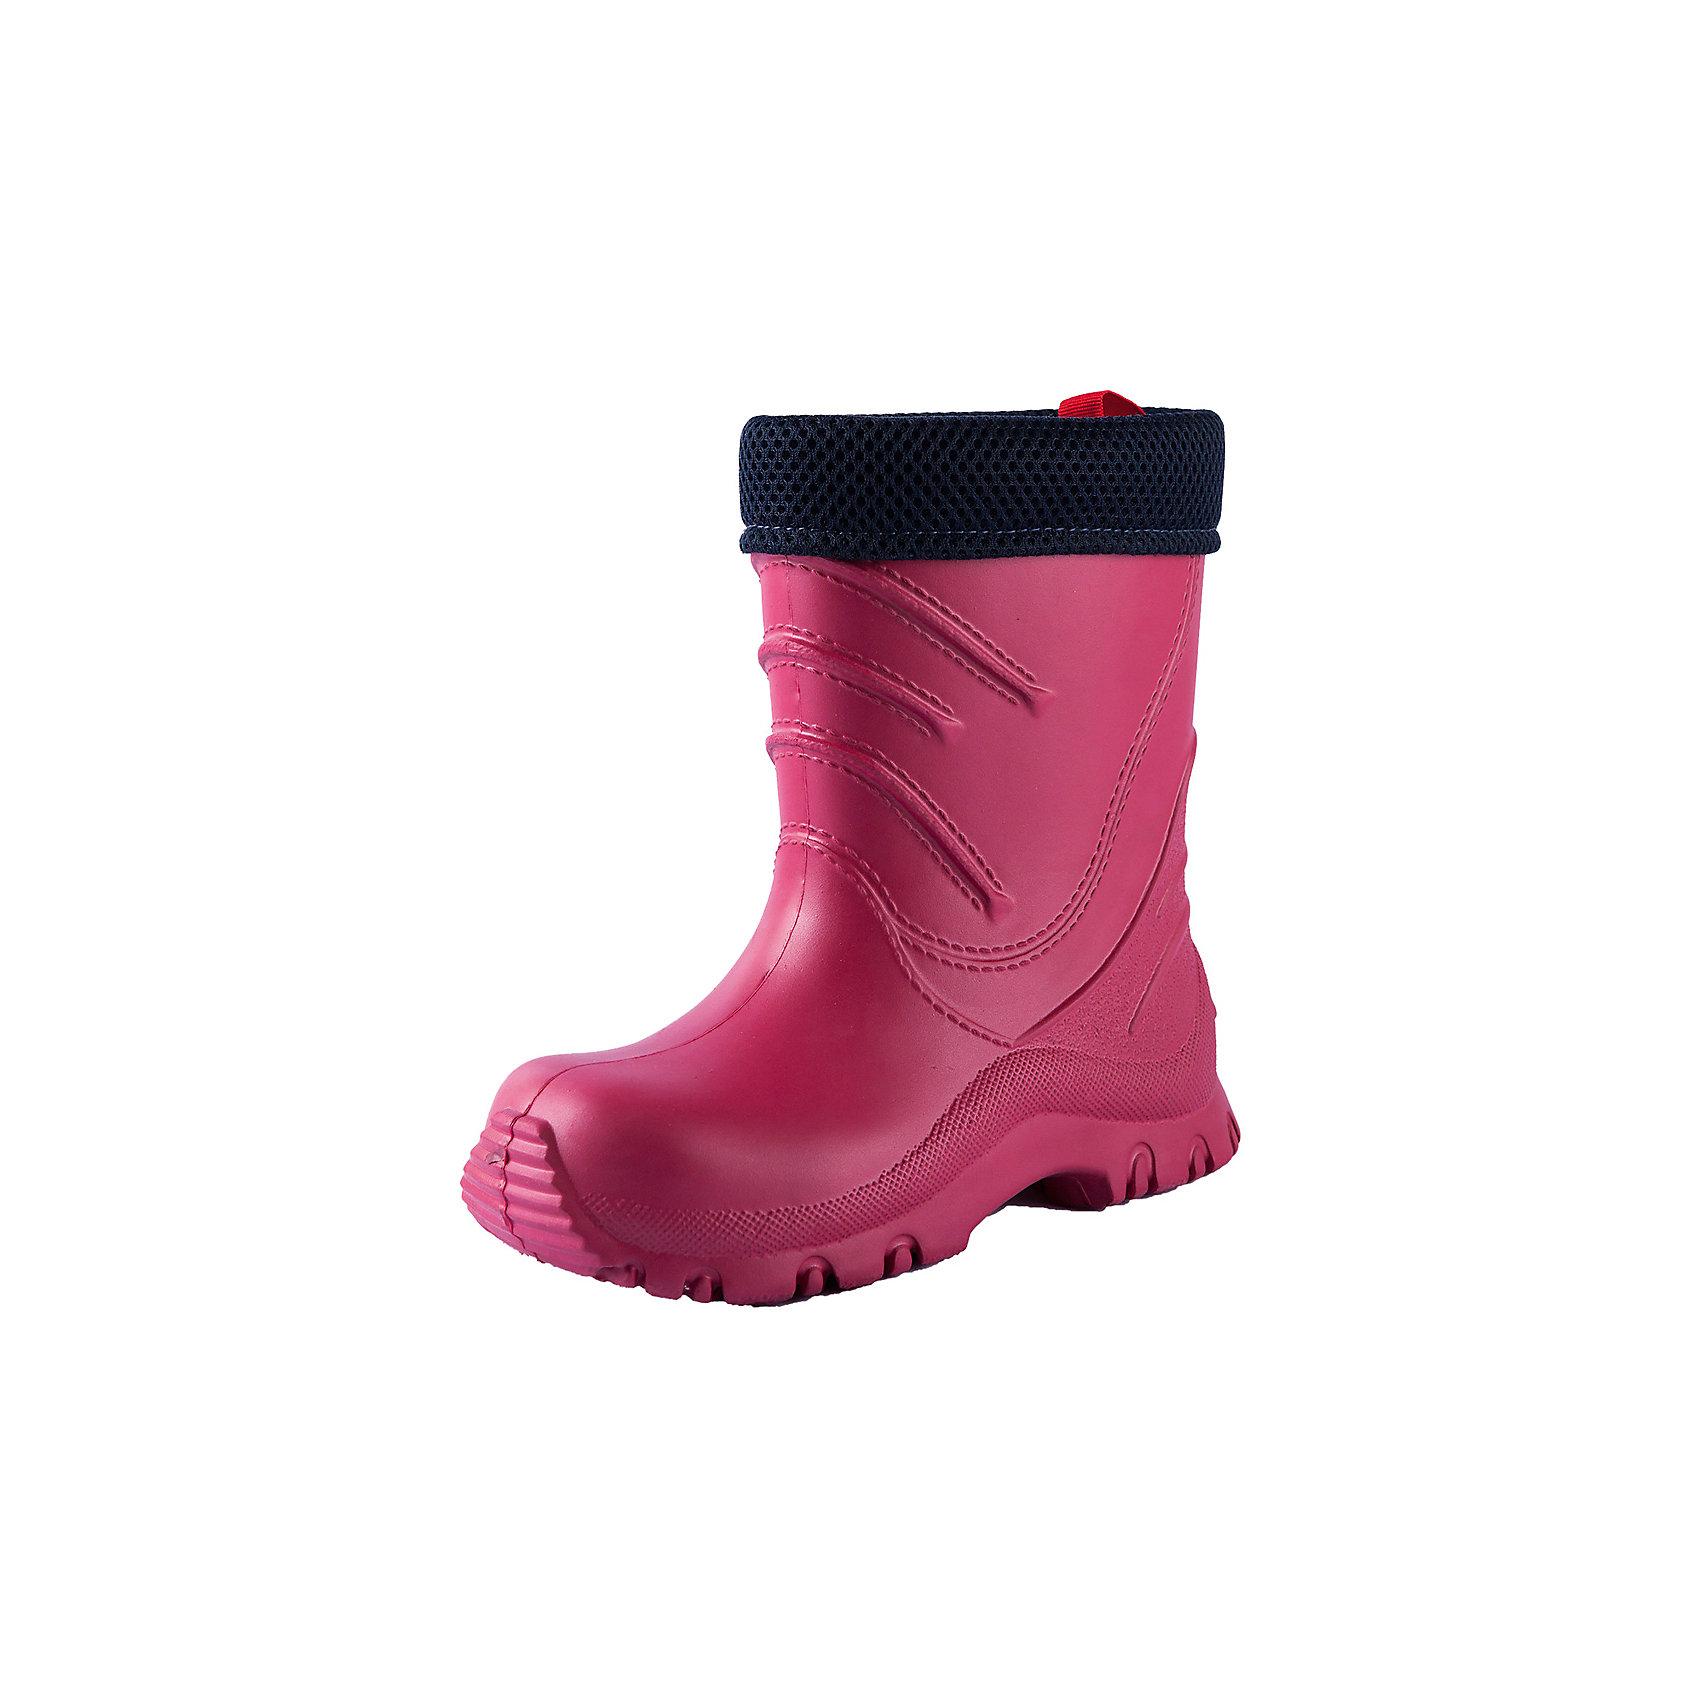 Резиновые сапоги Reima FrilloРезиновые сапоги<br>Характеристики товара:<br><br>• цвет: розовый;<br>• внешний материал: ЭВА;<br>• внутренний материал: текстиль;<br>• стелька: текстиль;<br>• подошва: ЭВА;<br>• сезон: демисезон;<br>• температурный режим: от 0 до +15С;<br>• водонепроницаемая демисезонная обувь;<br>• простой в уходе материал верха;<br>• эластичная и легкая подошва из ЭВА;<br>• текстильная подкладка;<br>• съемный внутренний сапожок;<br>• не содержит ПВХ;<br>• страна бренда: Финляндия;<br>• страна производства: Италия.<br><br>Суперлегкие резиновые сапоги Frillo к прогулке готовы! Сапоги изготовлены из очень легкого, полностью водонепроницаемого материала, не содержащего ПВХ. Эта модель легко надевается и снабжена удобным съемным носком, который можно стирать. <br><br><br>Резиновые сапоги Frillo Reima (Рейма) можно купить в нашем интернет-магазине.<br><br>Ширина мм: 237<br>Глубина мм: 180<br>Высота мм: 152<br>Вес г: 438<br>Цвет: розовый<br>Возраст от месяцев: 84<br>Возраст до месяцев: 96<br>Пол: Унисекс<br>Возраст: Детский<br>Размер: 34/35,22/23,24/25,26/27,28/29,30/31,32/33<br>SKU: 6906676